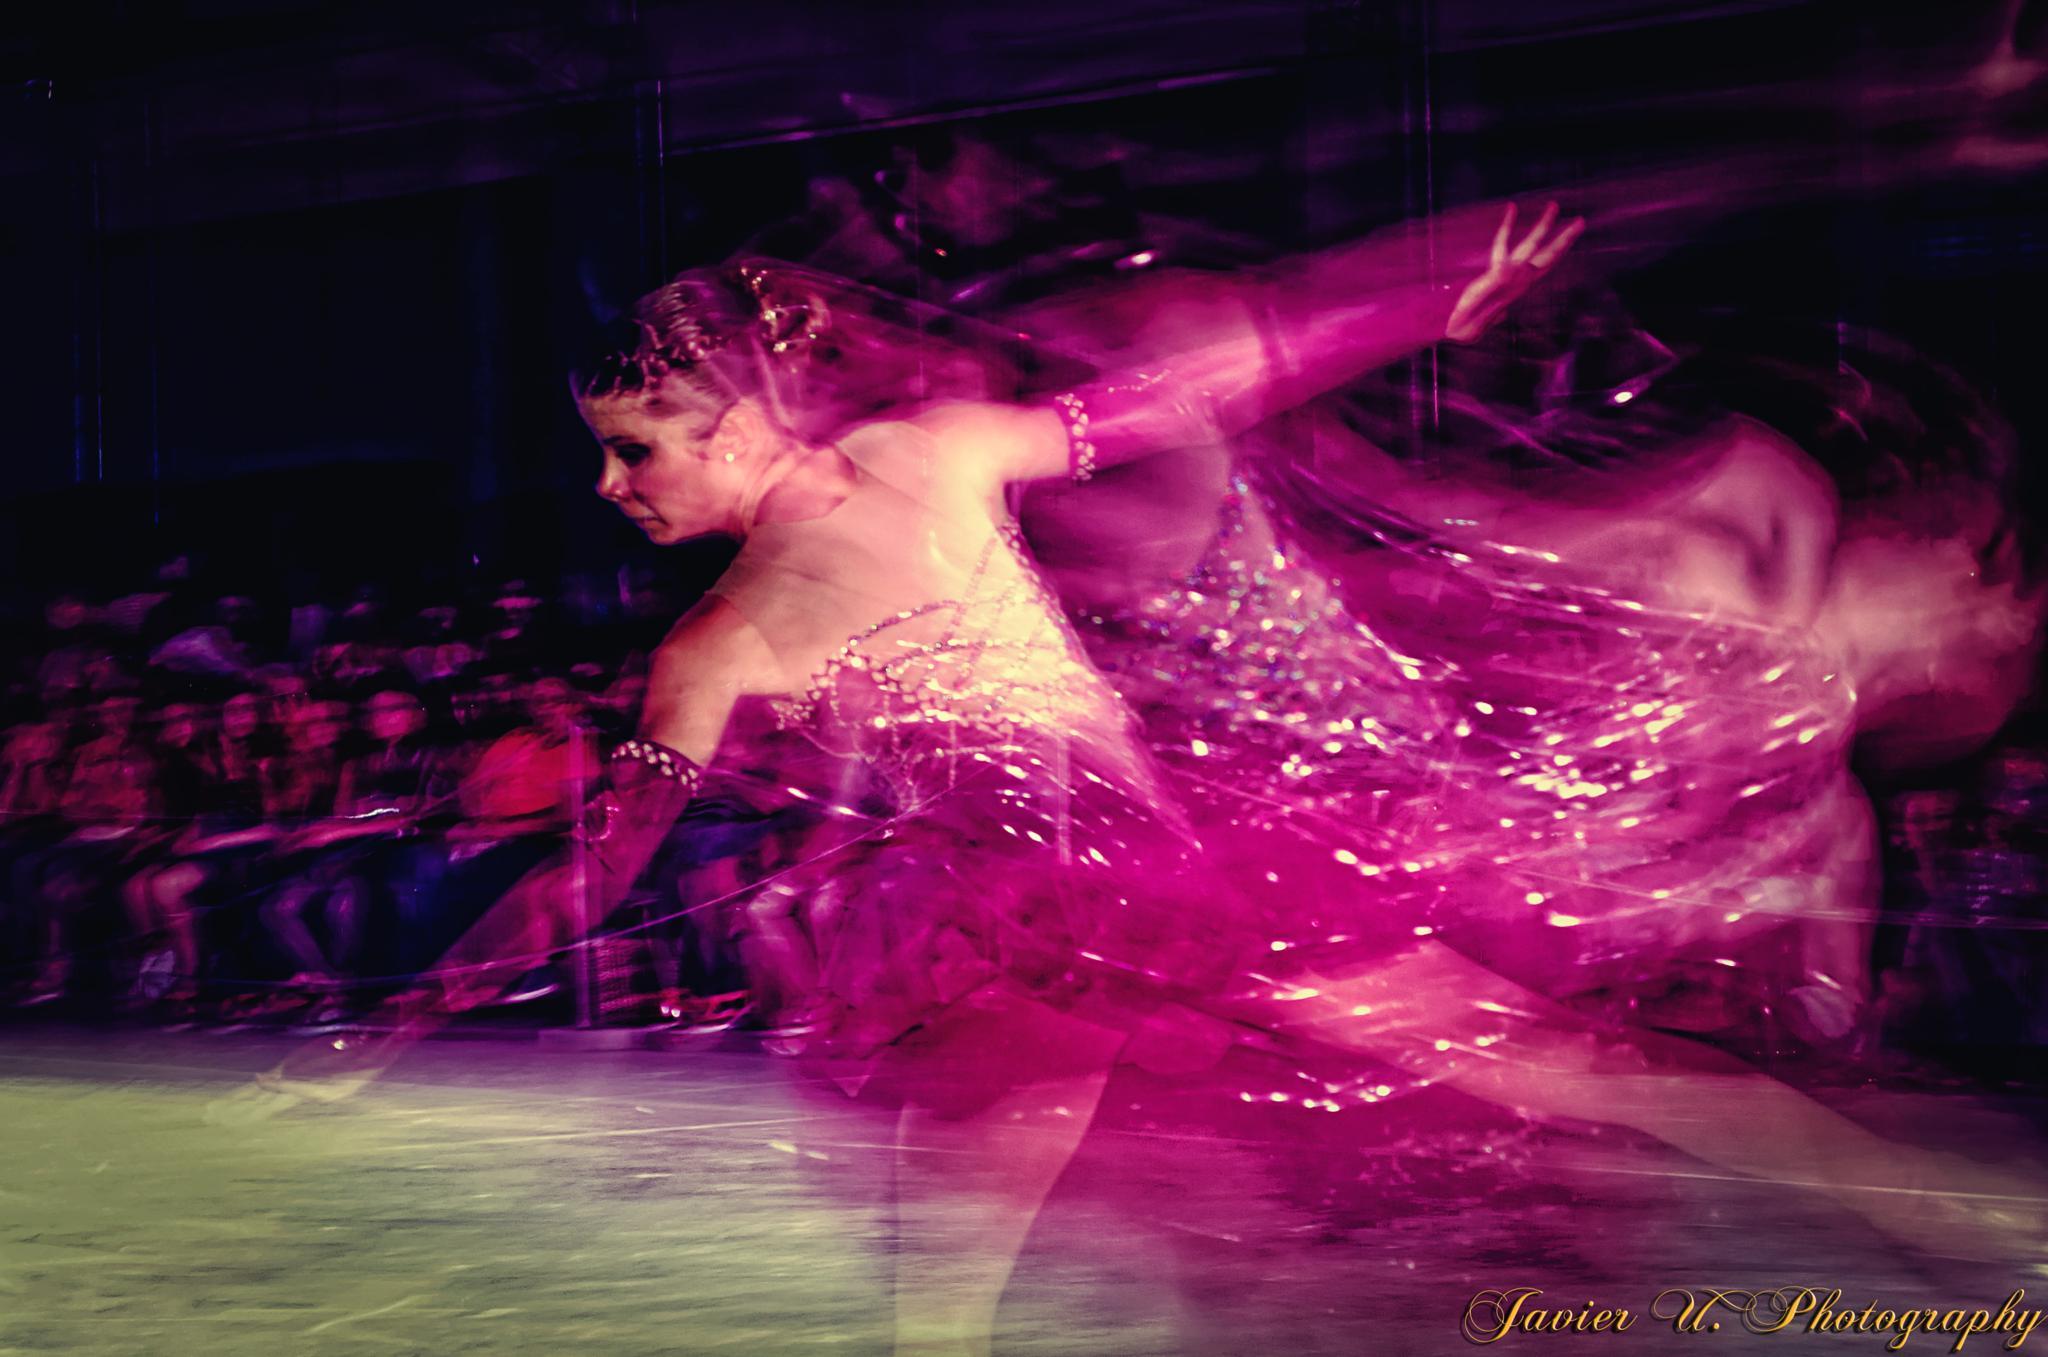 dancer by Chirolin72